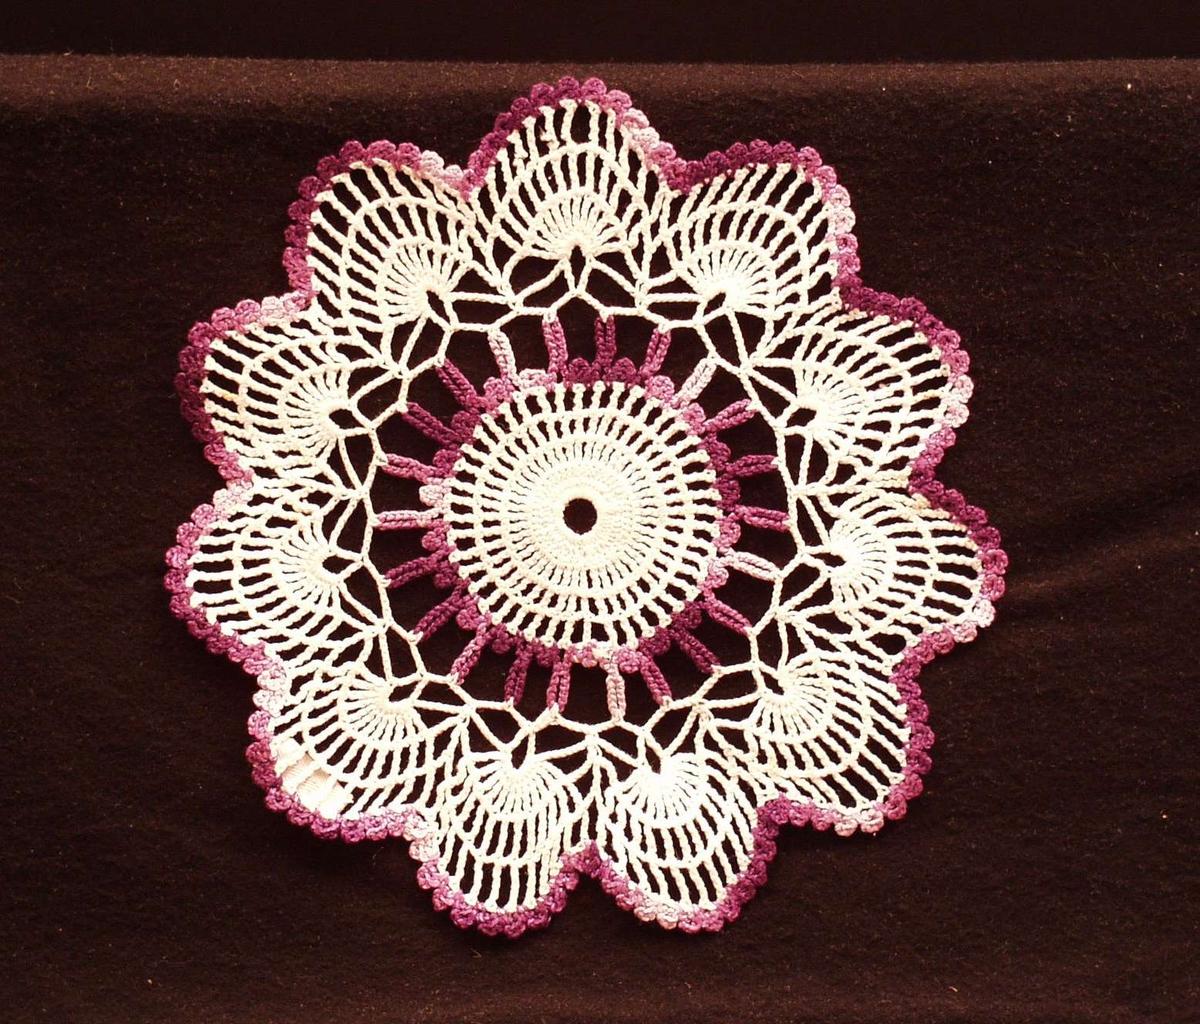 Hvit og fiolett heklet brikke med midtrosett og tunget ytterkant.